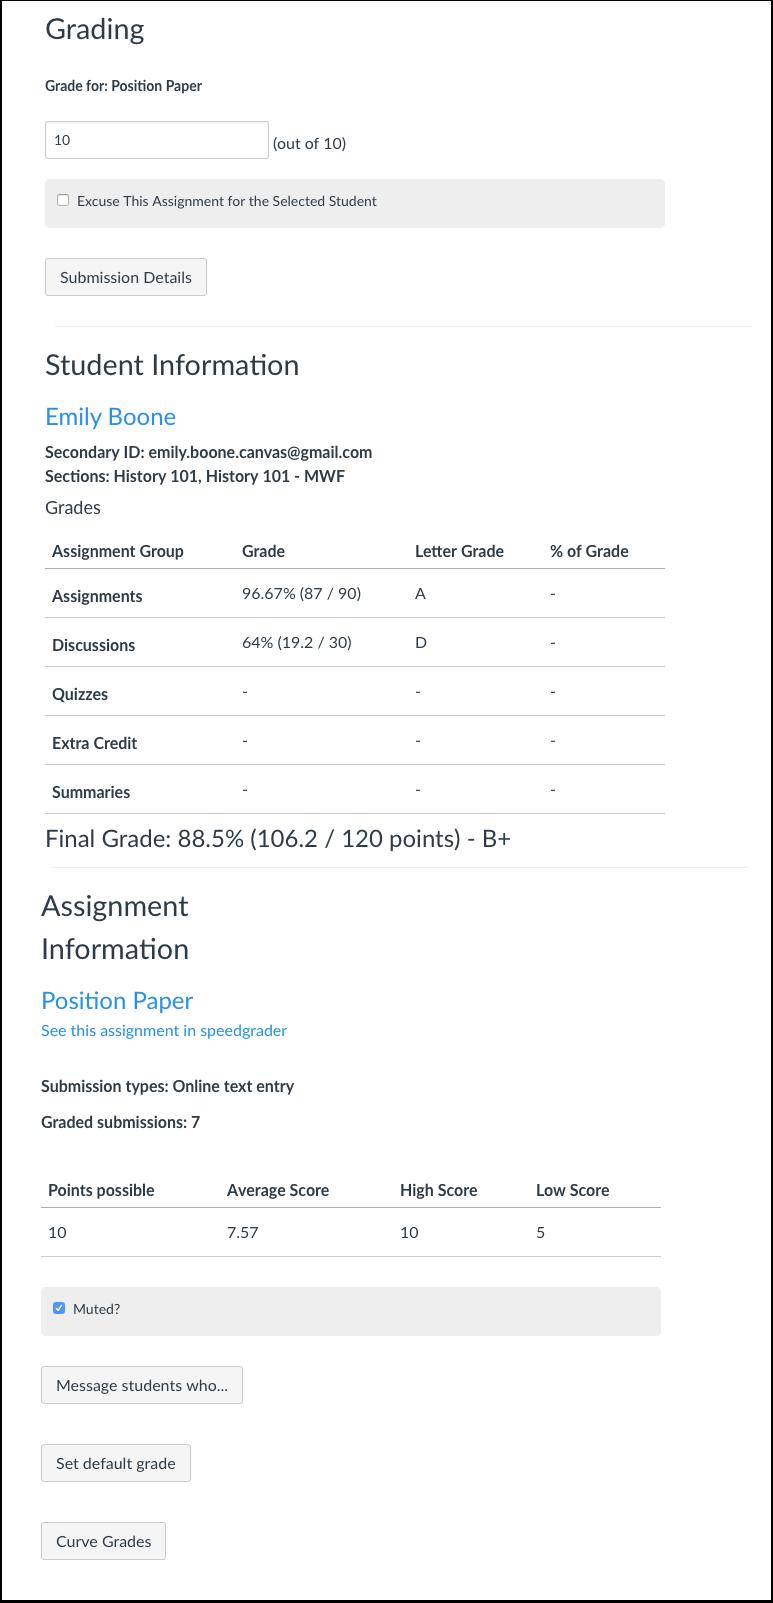 View Gradebook Information